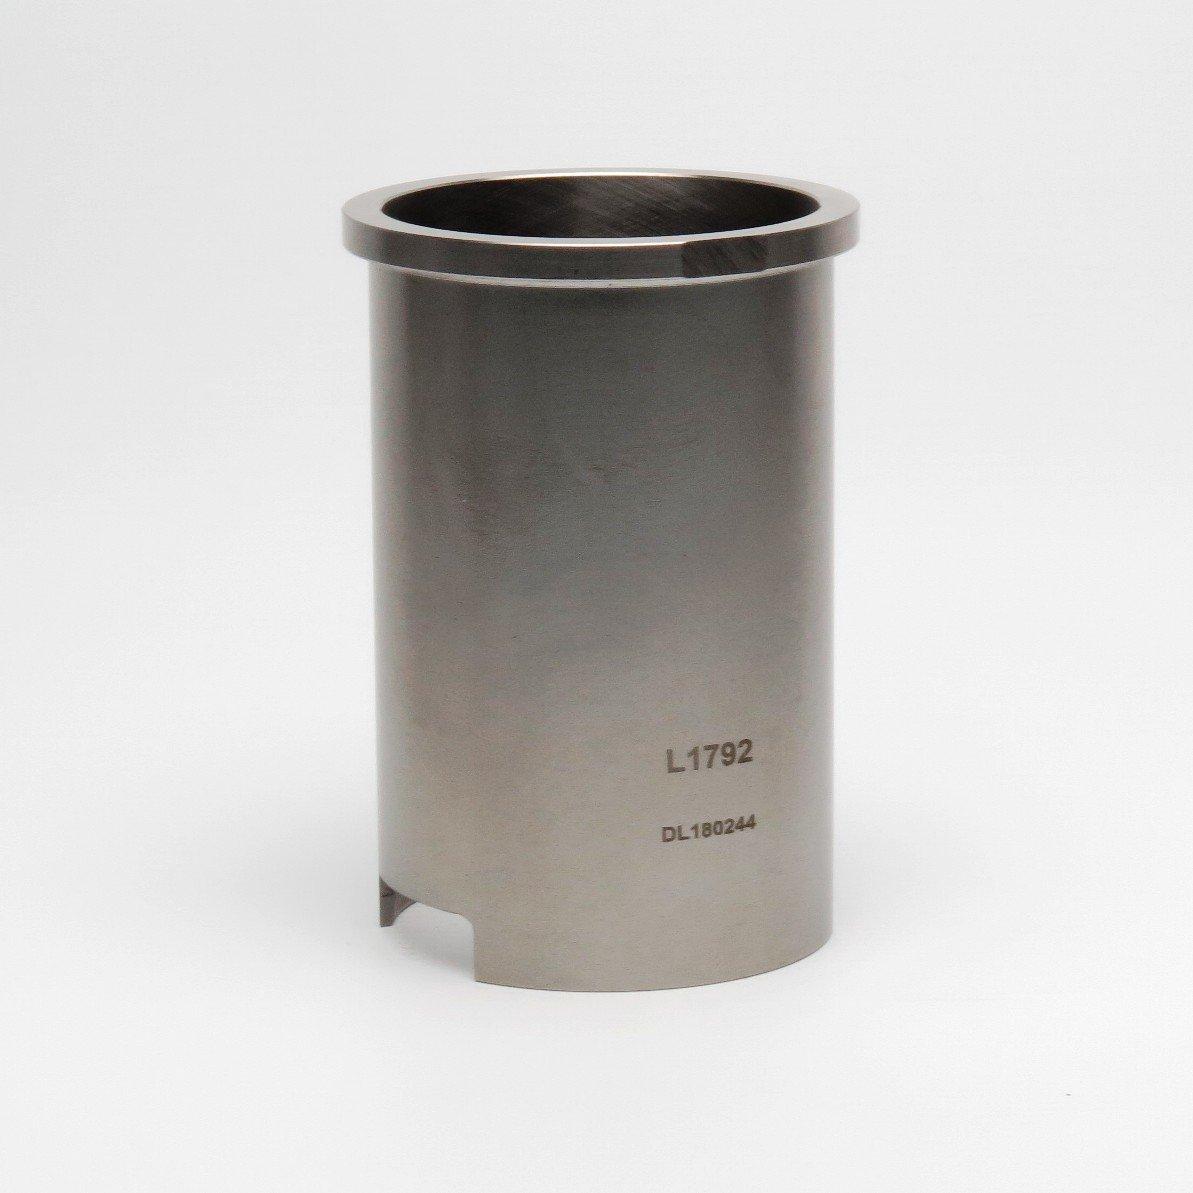 L 1792 - Cylinder Repair Liner